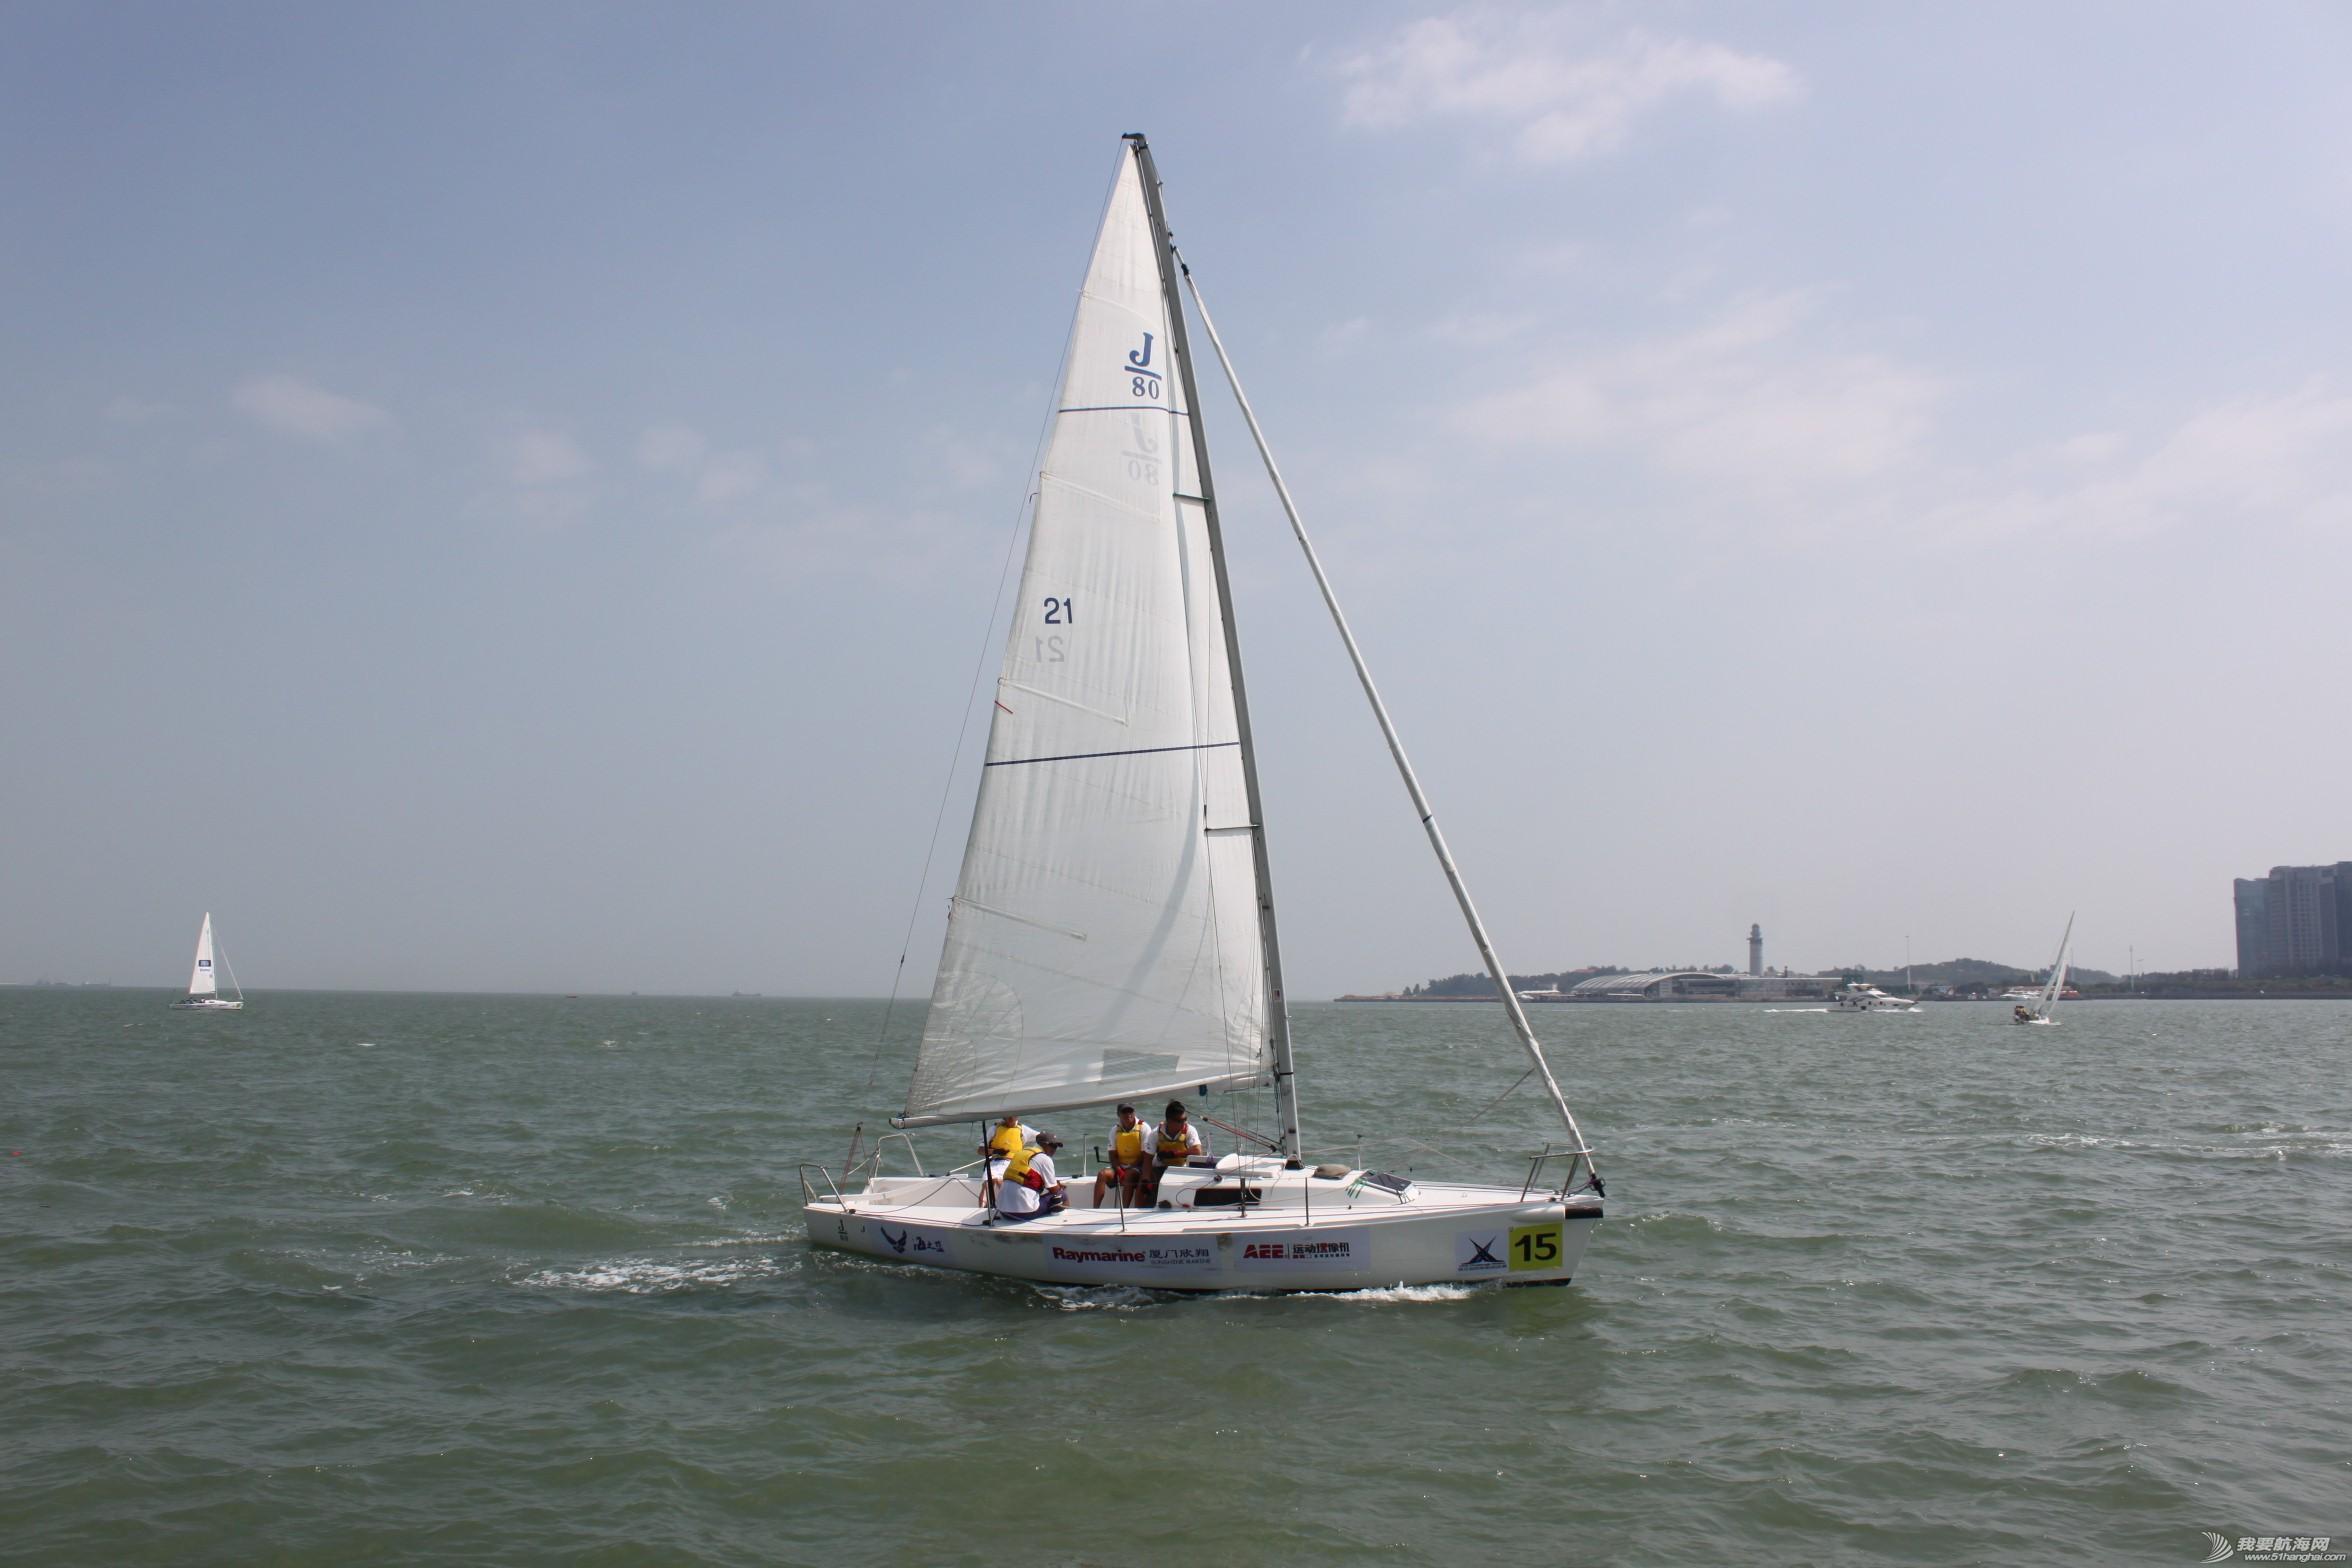 15号船是深圳友宝队,他们最后成绩是A组第三名。